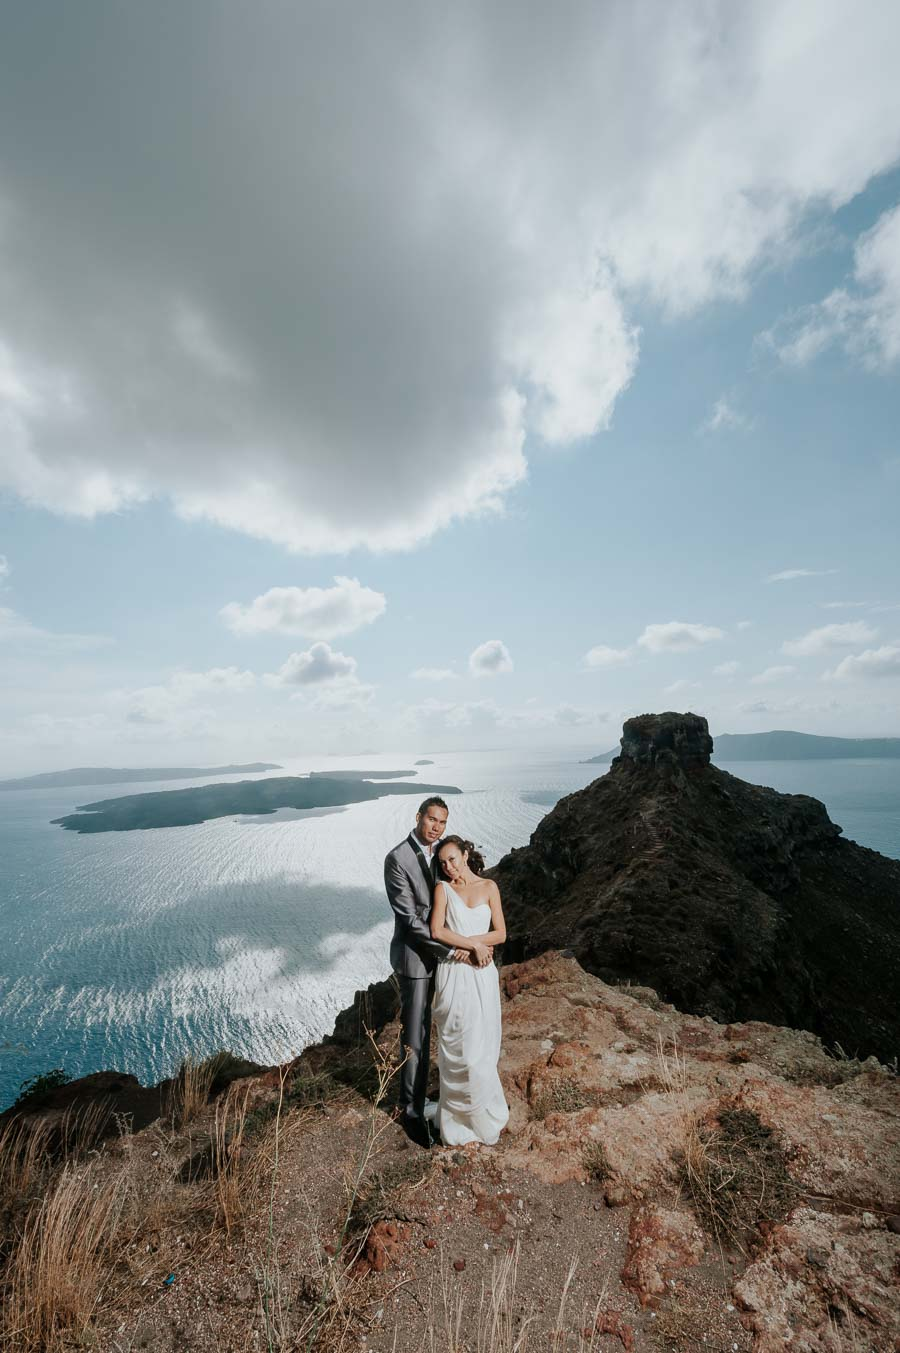 δημιουργικη pre wedding φωτογραφιση στη σαντορινη